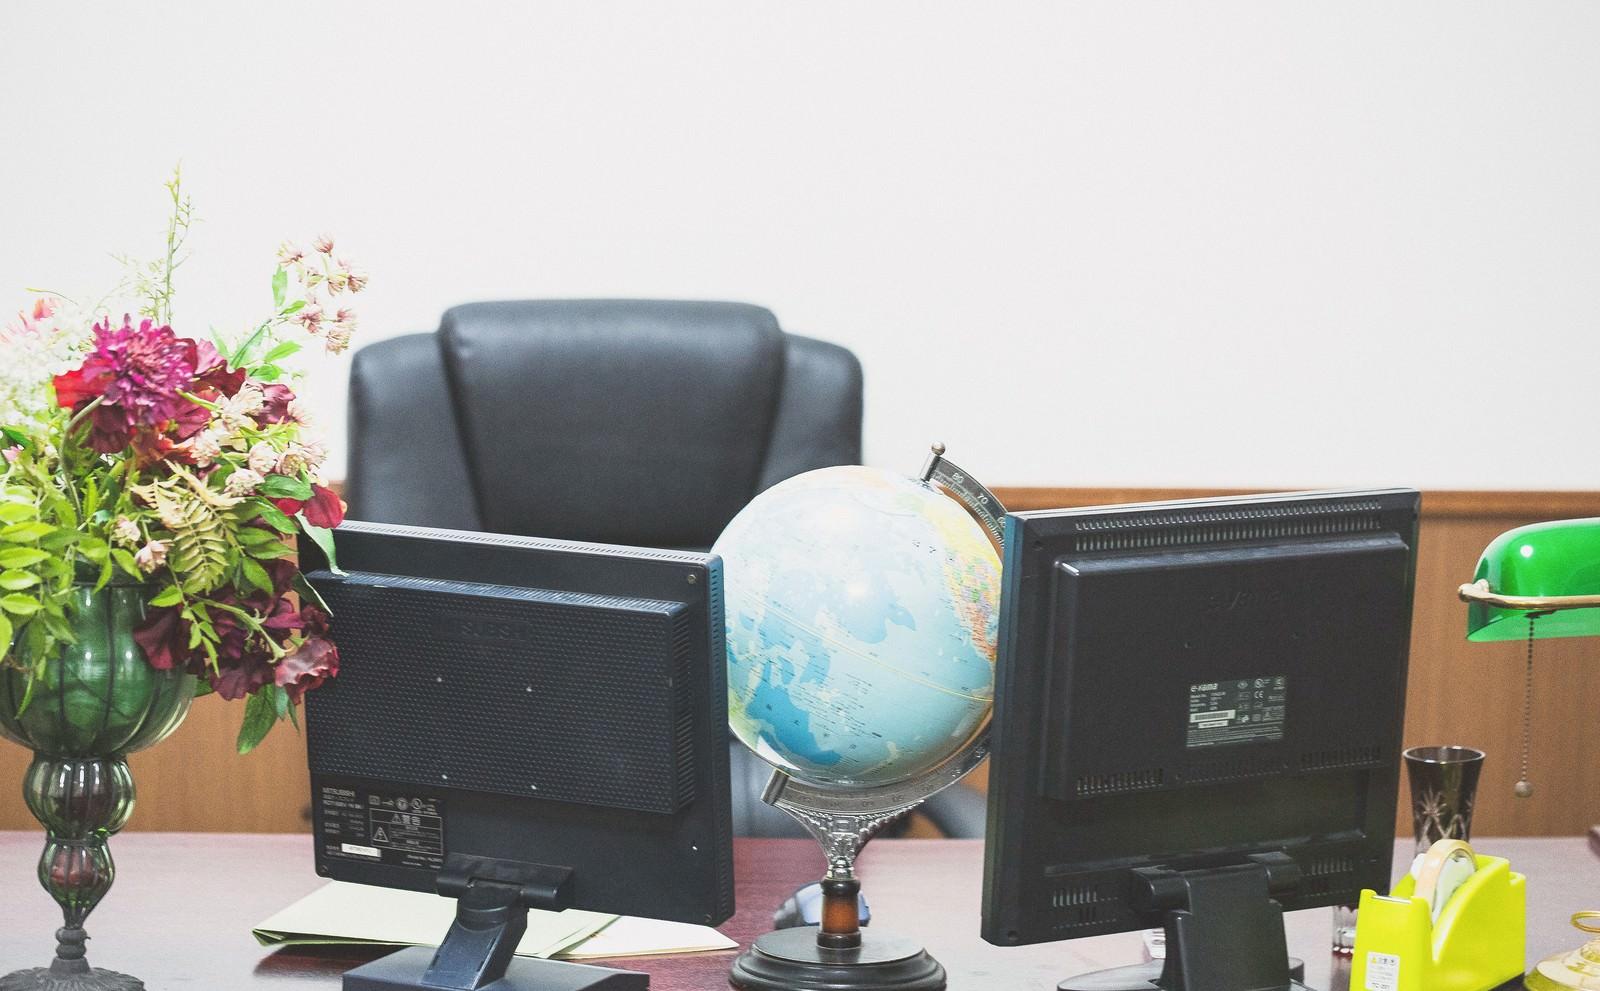 「偉そうな椅子と机偉そうな椅子と机」のフリー写真素材を拡大